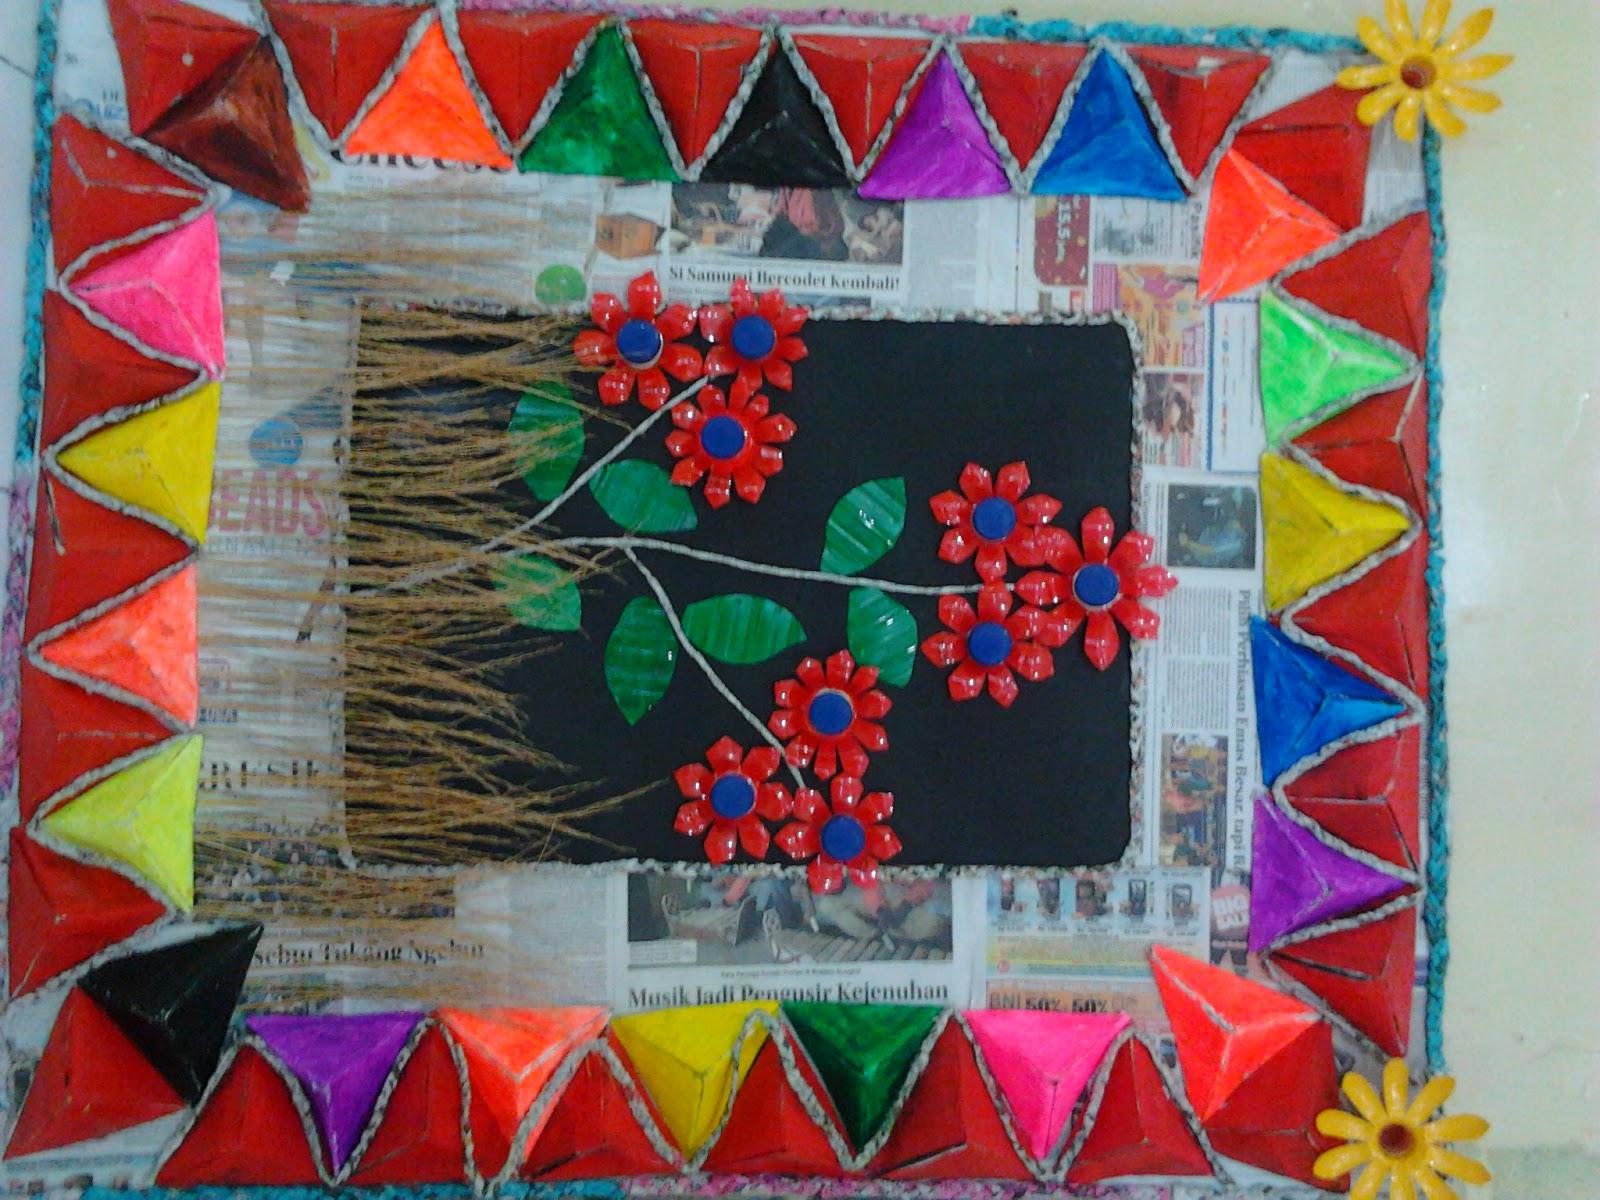 Sd darul ilmi full day school surabaya di bawah ini akan ada foto foto hasil karya daur ulang yang dilakukan oleh guru dan siswa 1 hiasan dinding thecheapjerseys Image collections